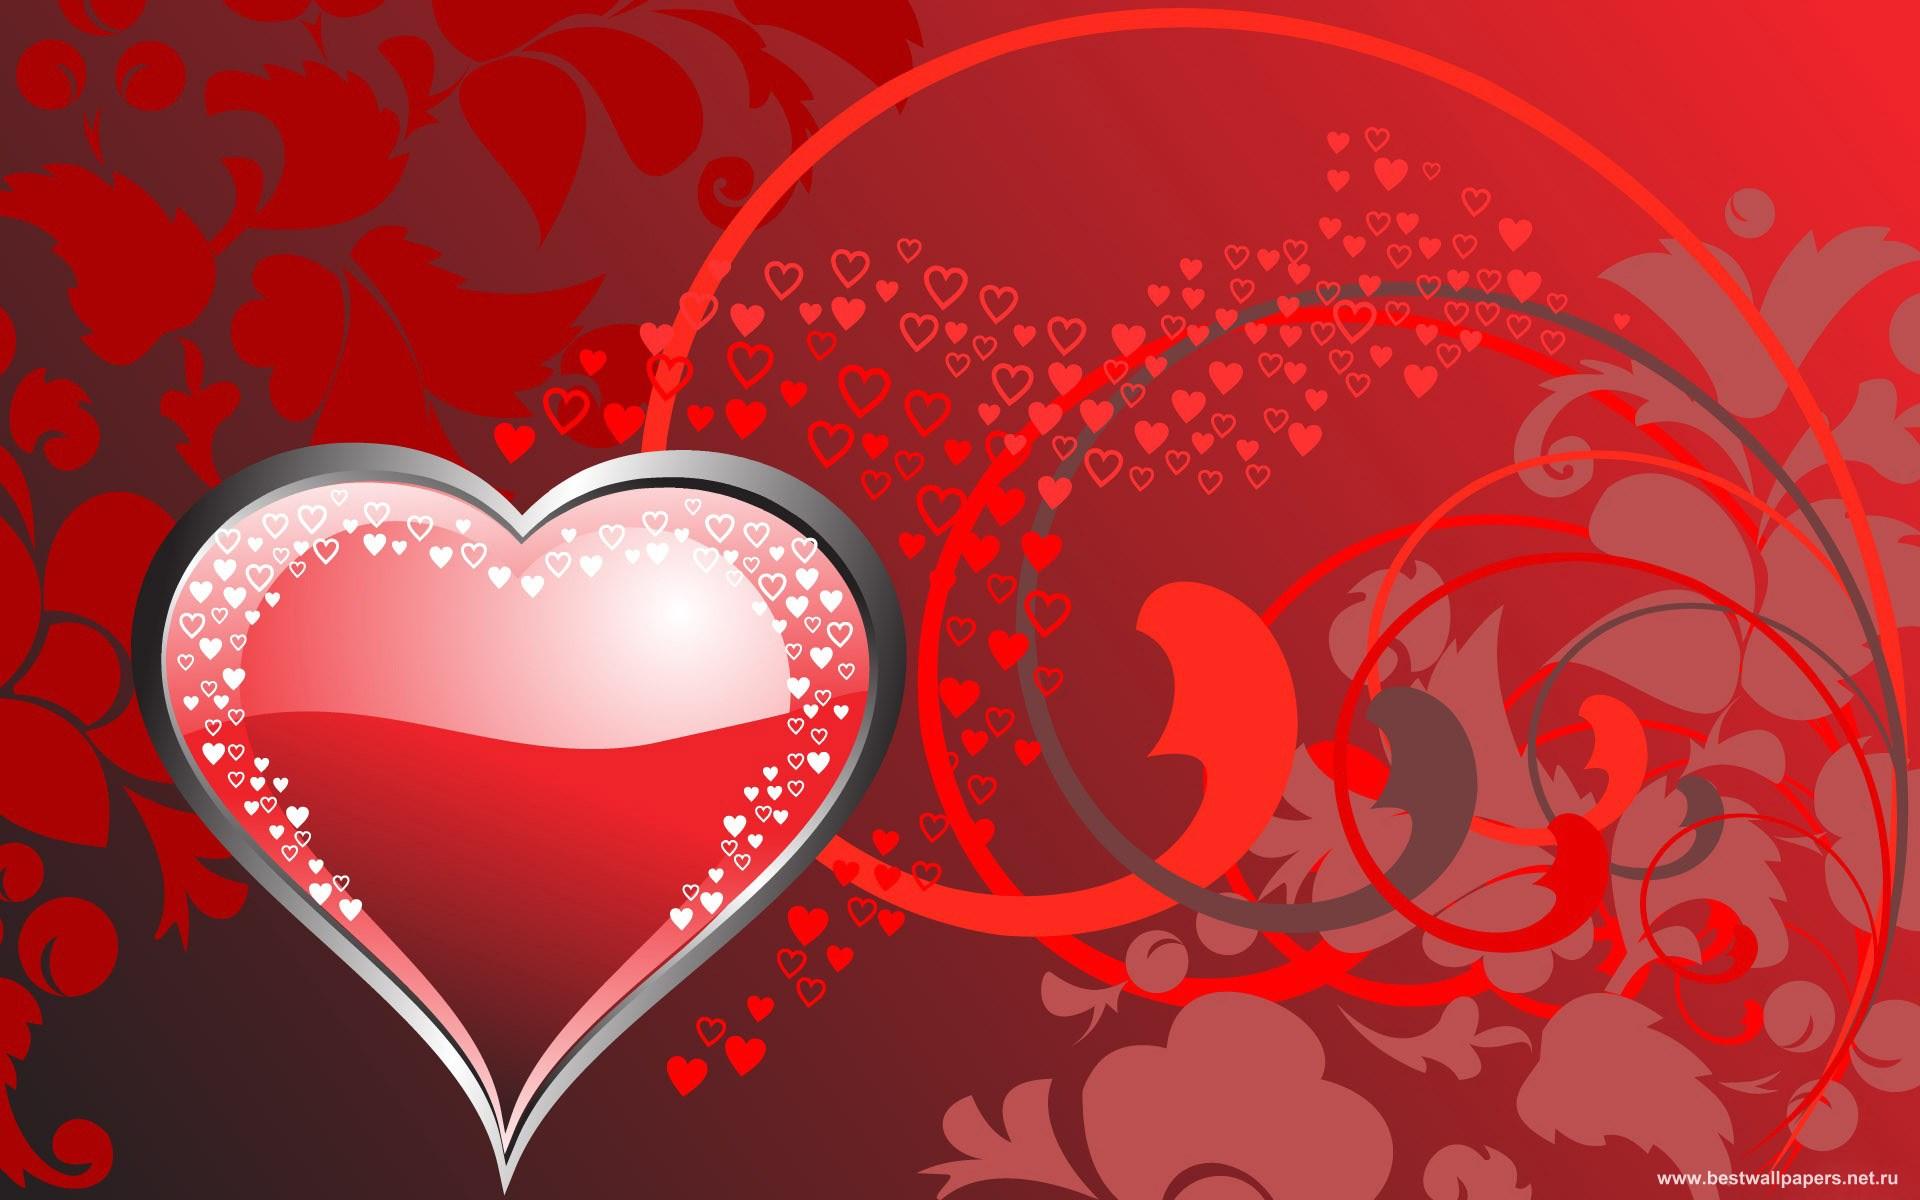 С Днем Сердца открытка - Любовь и романтика - Анимационные блестящие 10